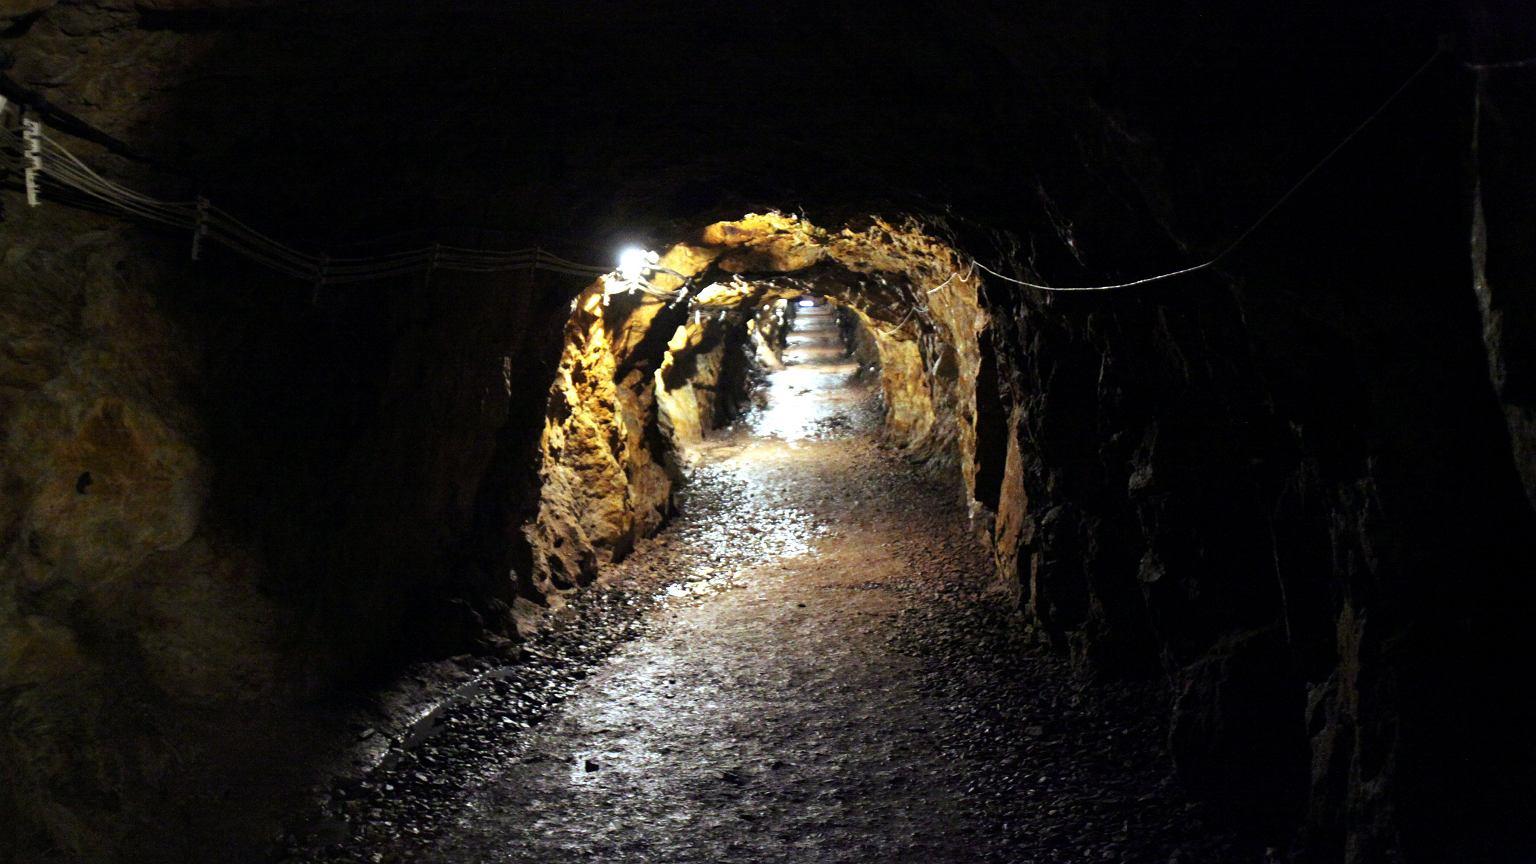 Kompleks Riese to największe budowle podziemne w Górach Sowich